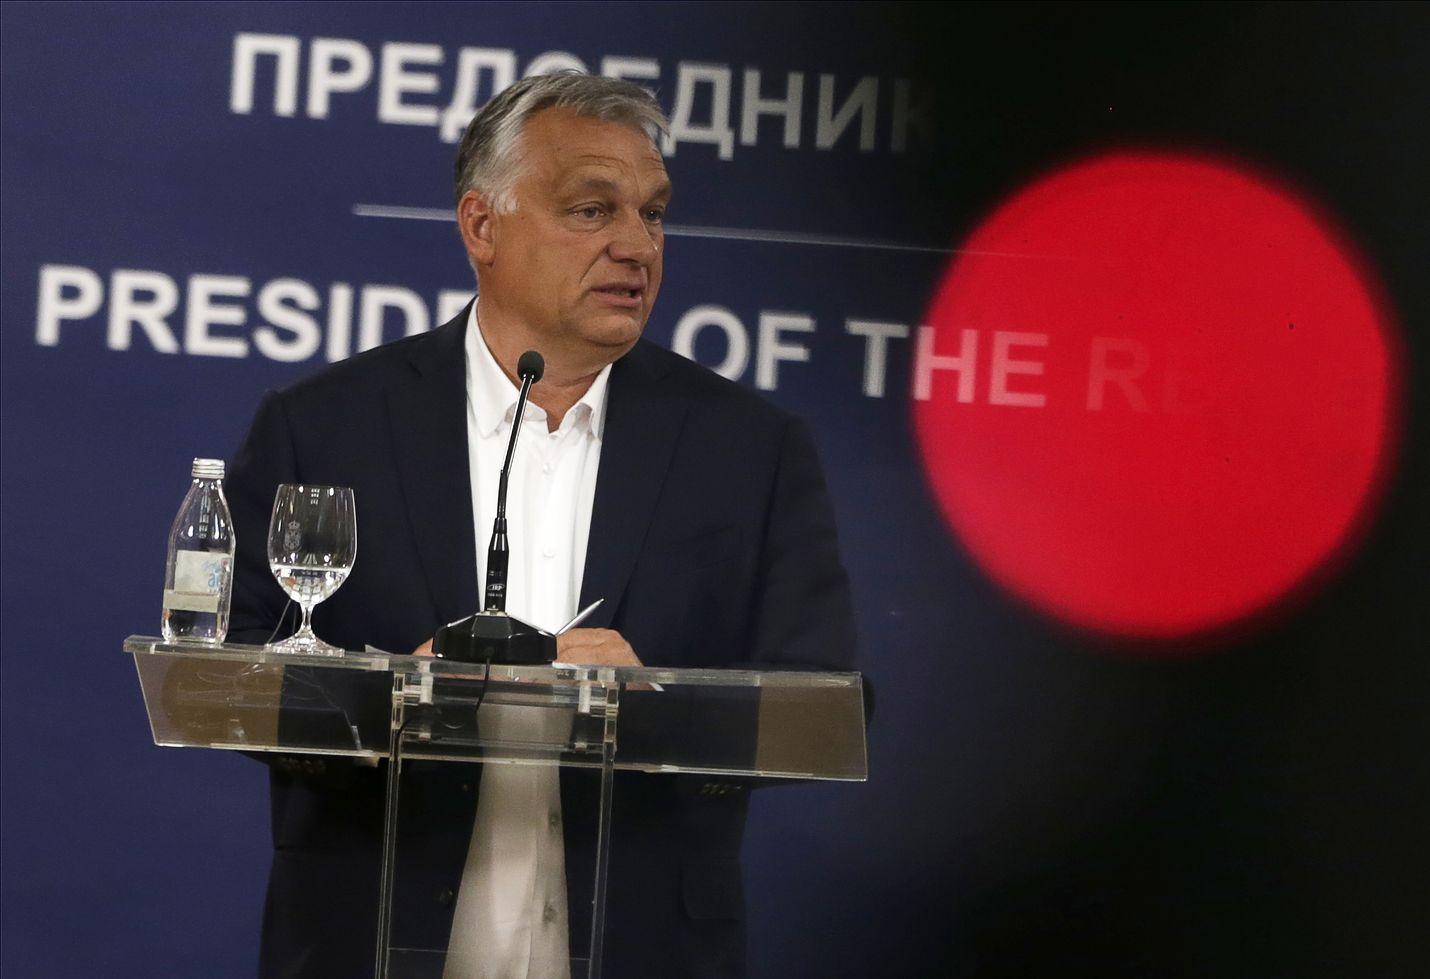 Parlamentti antoi Unkarin pääministerille Viktor Orbánille käytännössä yksinvallan koronapoikkeuslailla. Orbán puhui lehdistölle 15. toukokuuta vieraillessaan Serbiassa.